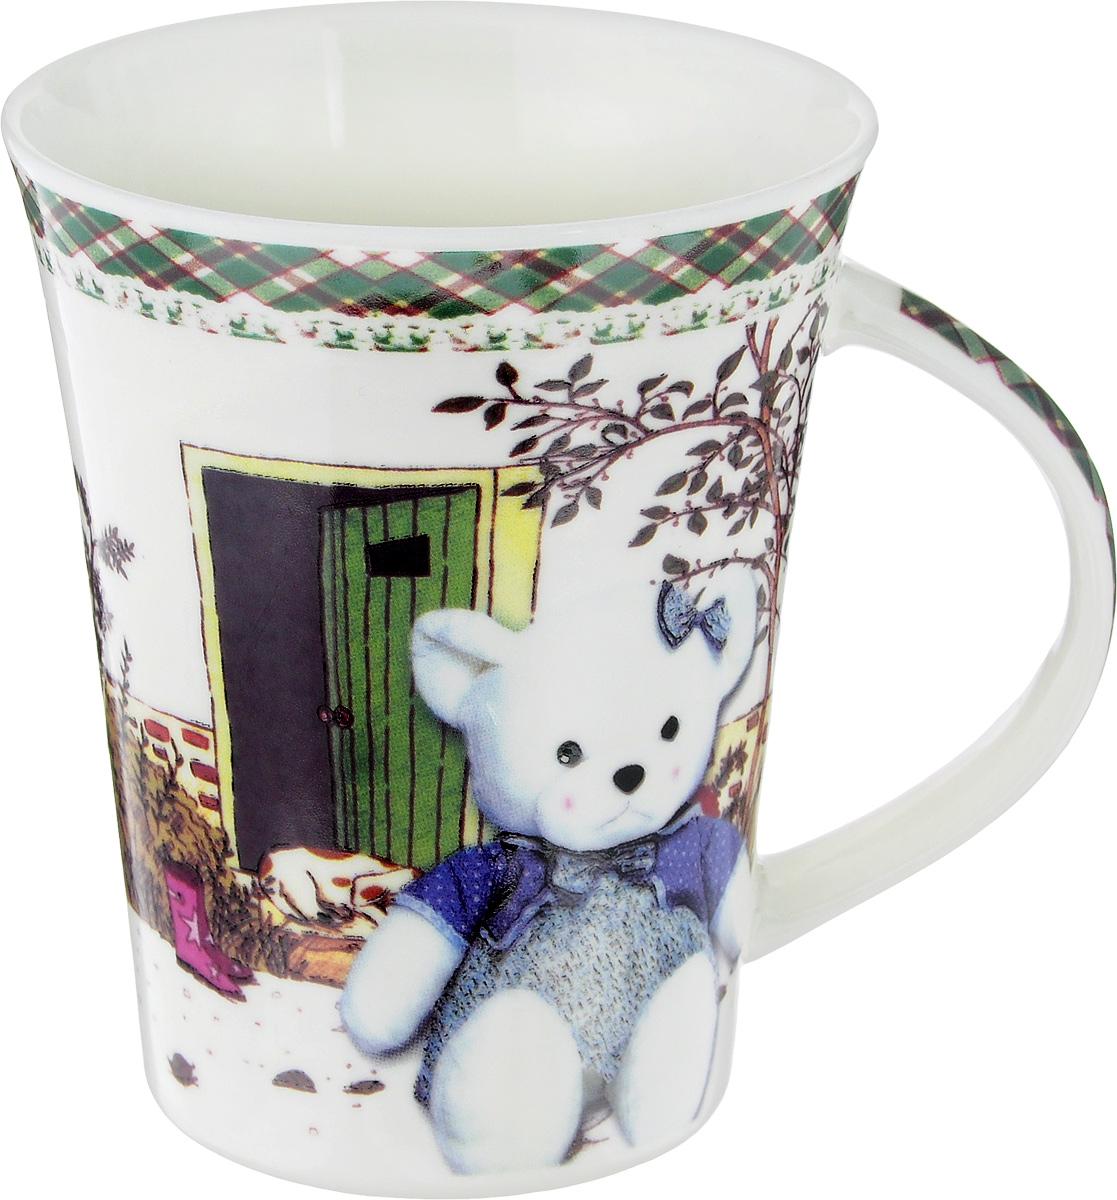 Кружка Liling Quanhu Медведи на даче, 380 млLQB18-T0406Кружка Liling Quanhu Медведи на даче выполнена из высококачественного фарфора с глазурованным покрытием и оформлена оригинальным изображением. Такая кружка станет отличным дополнением к сервировке семейного стола и замечательным подарком для ваших родных и друзей.